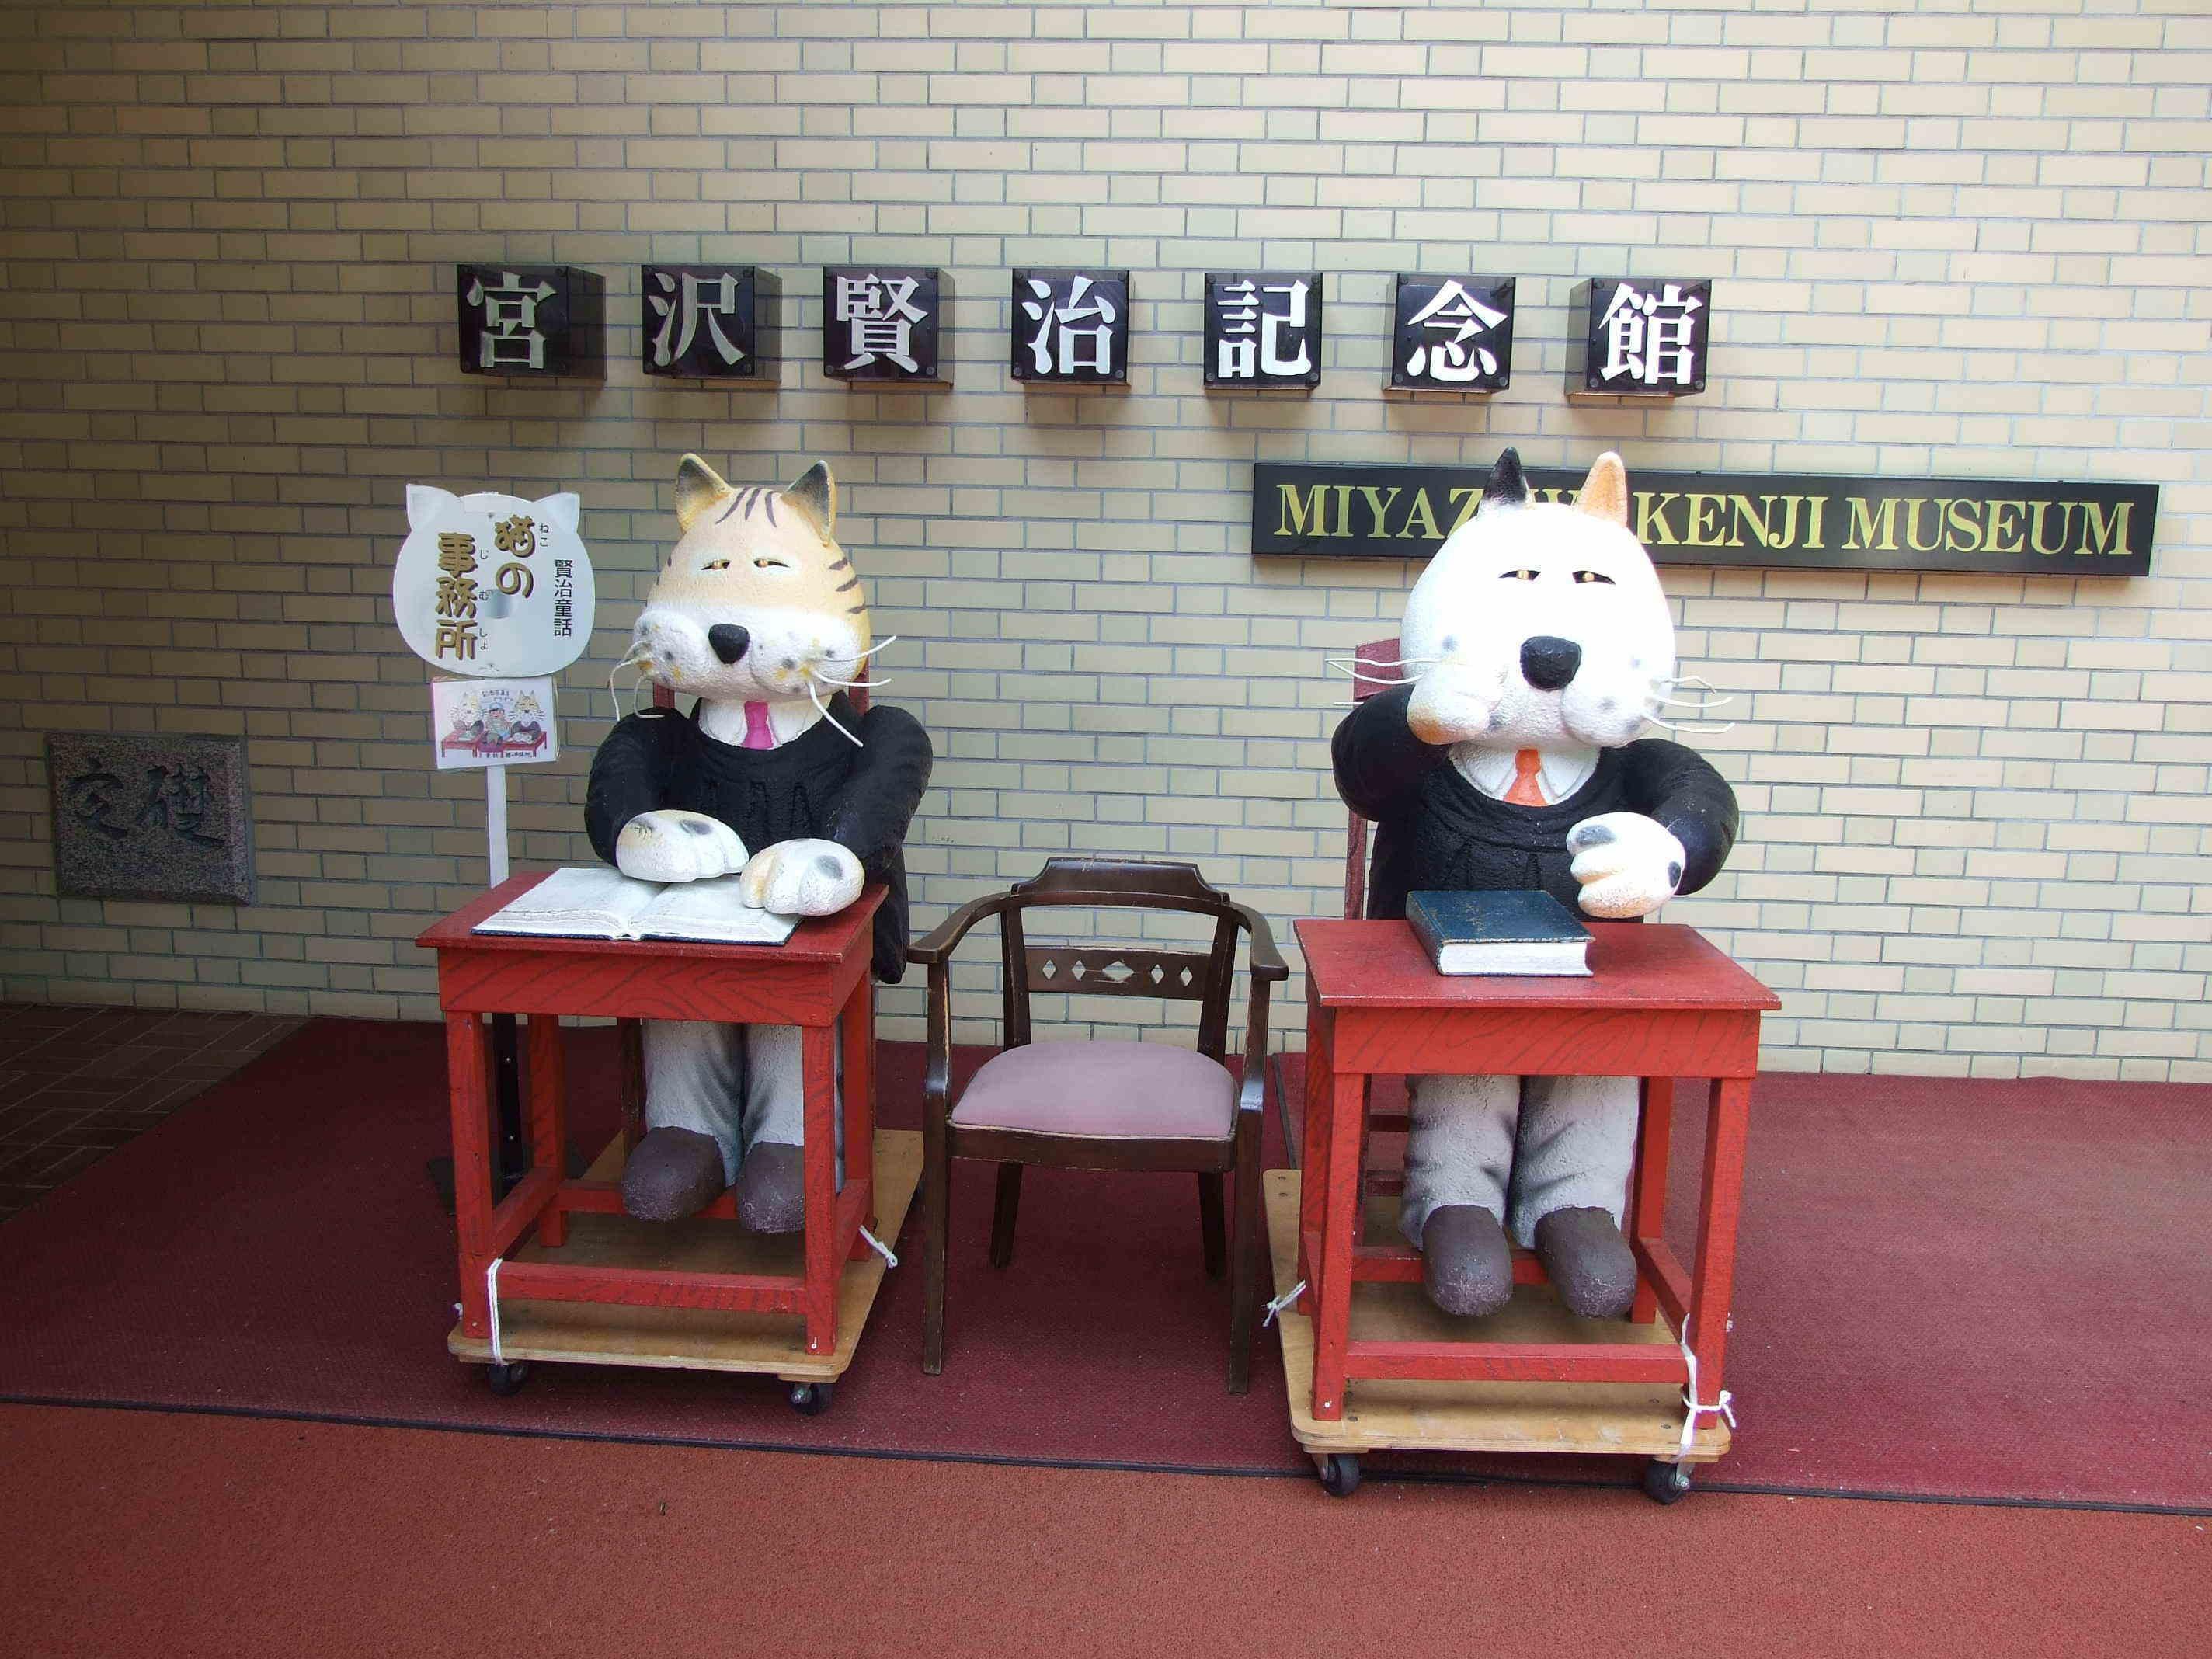 宮沢賢治記念館のメイン画像